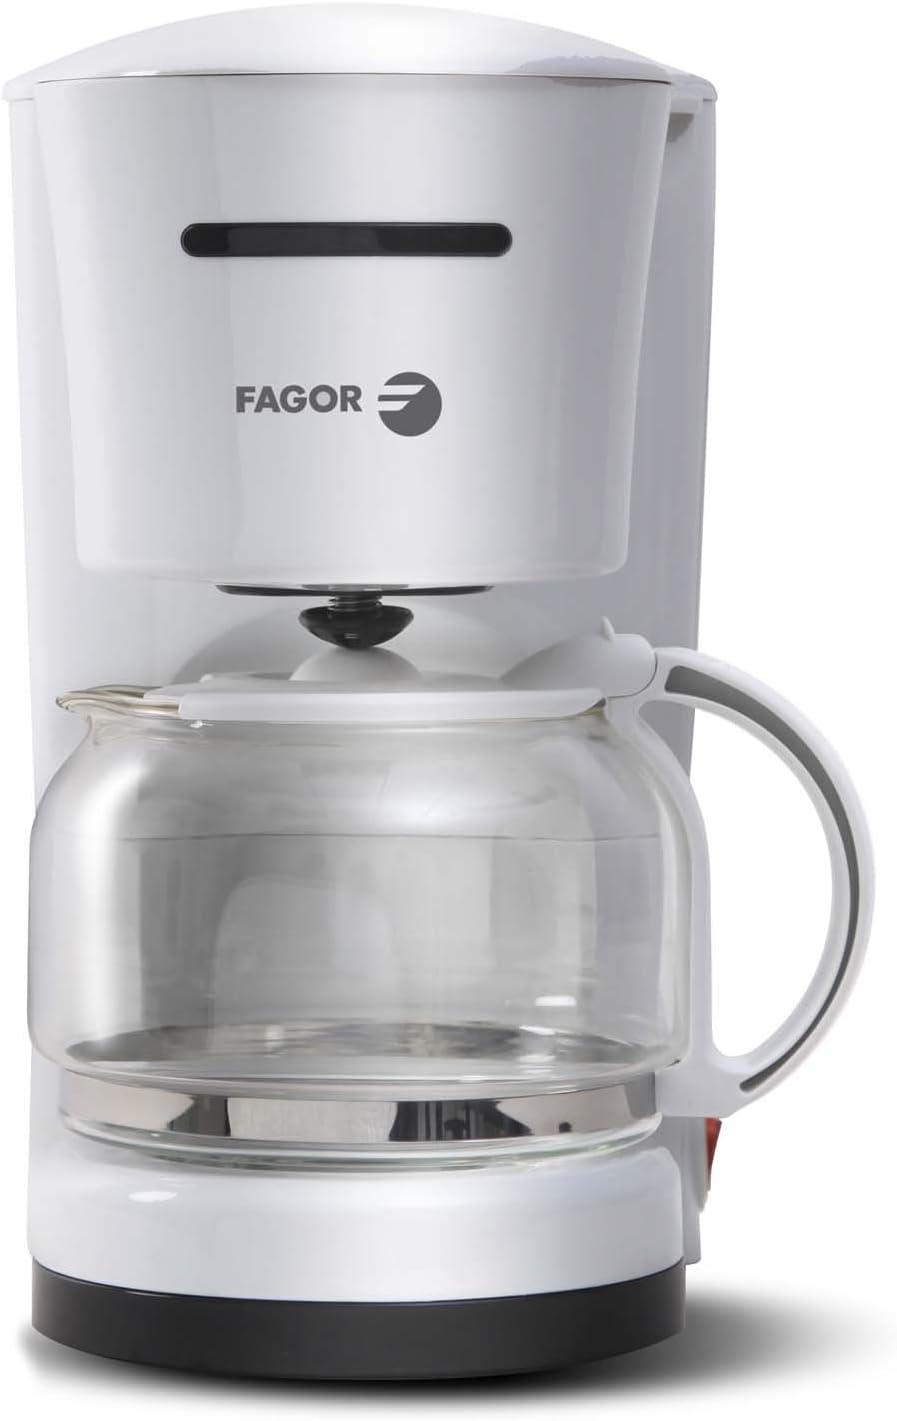 Fagor CG-512 Cafetera goteo, 870 W, 10-12 tazas, 1.25 litros ...